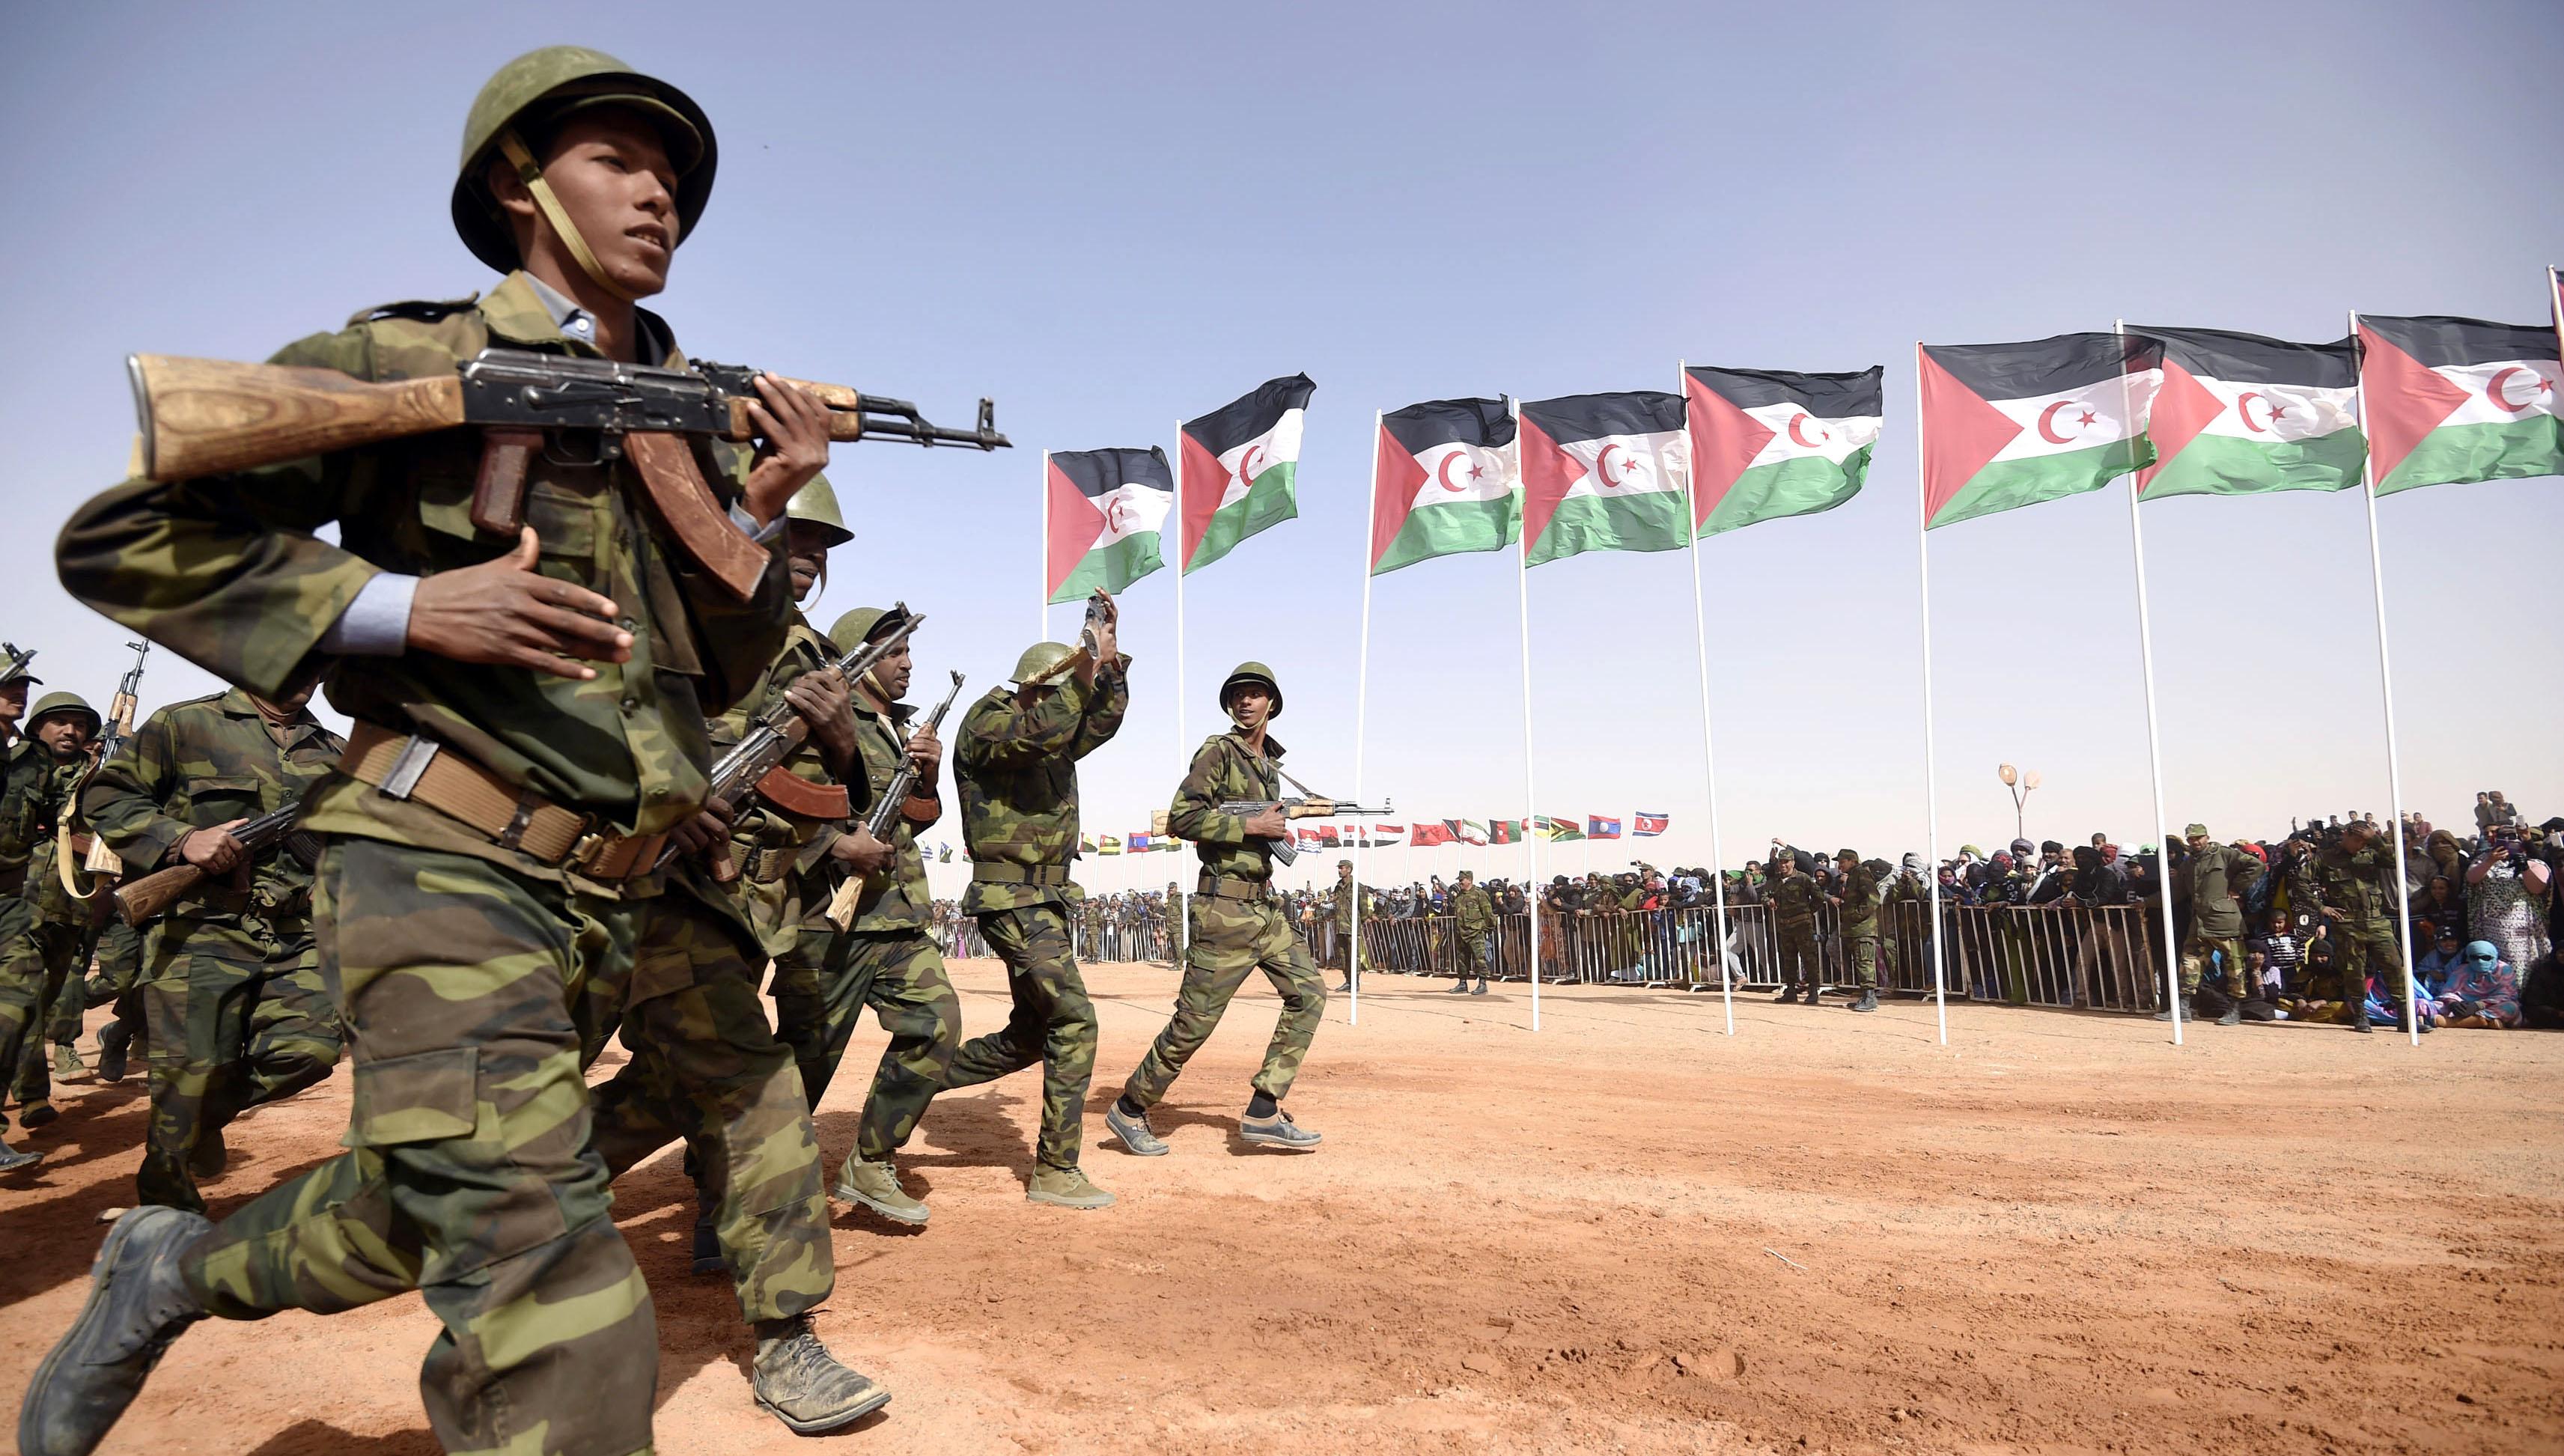 """صورة طبول الحرب.. جيش البوليسارو يستنفر..""""دقت ساعة الحسم"""" ضد المغرب- شاهد"""